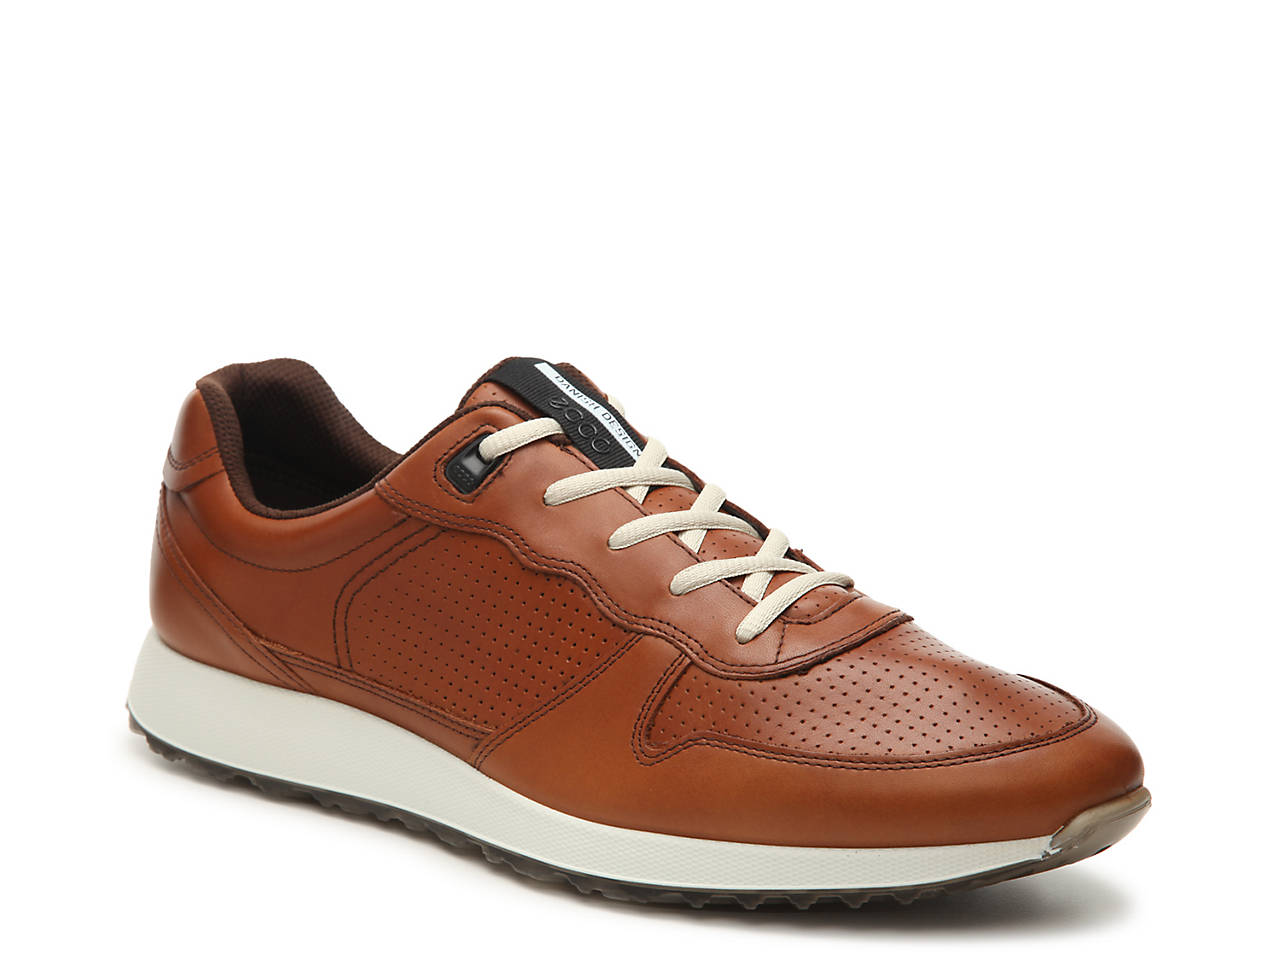 eb2fd19a630 ECCO Sneak Sneaker Men's Shoes | DSW